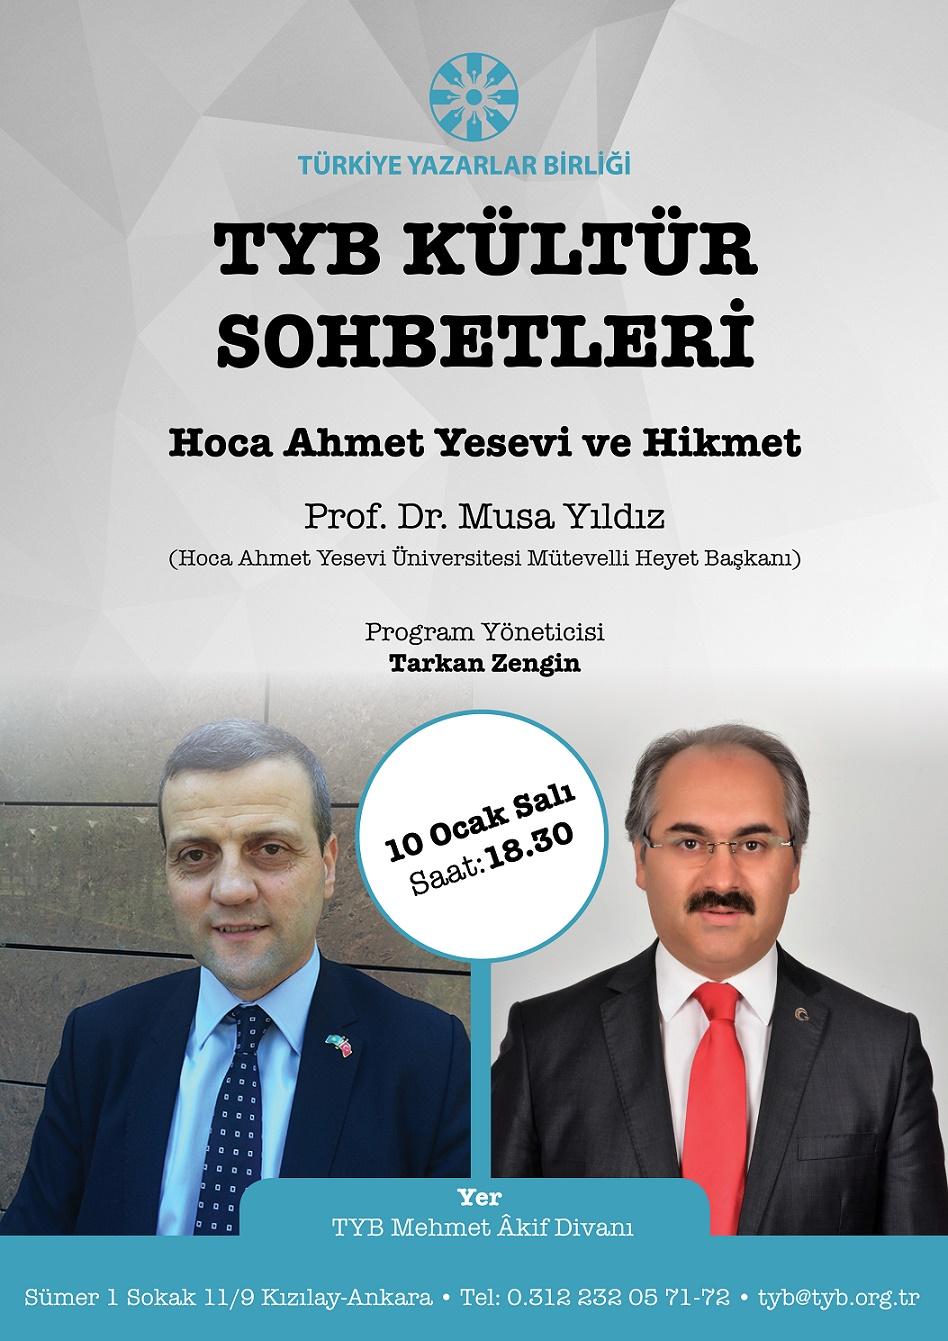 TYB Kültür Sohbetlerinin konuğu: Prof. Dr. Musa Yıldız